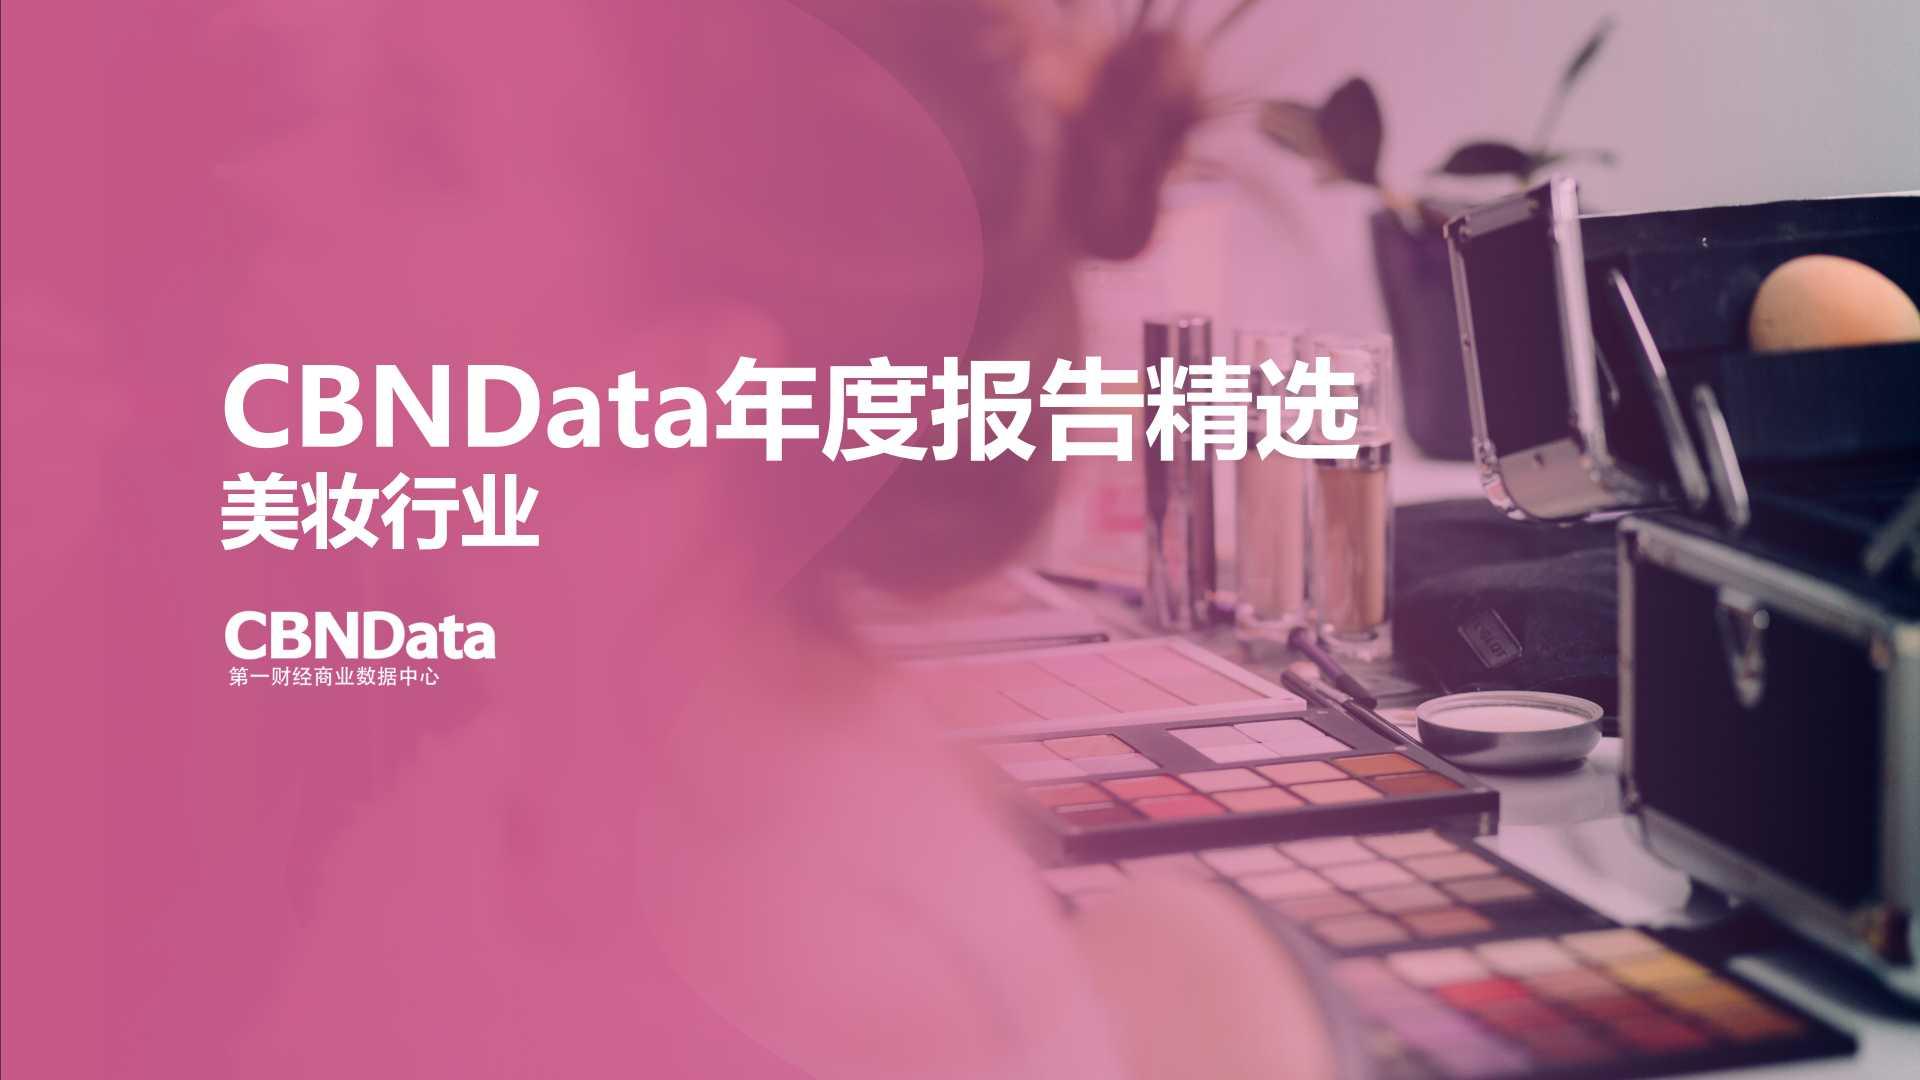 美妆行业年度报告精选